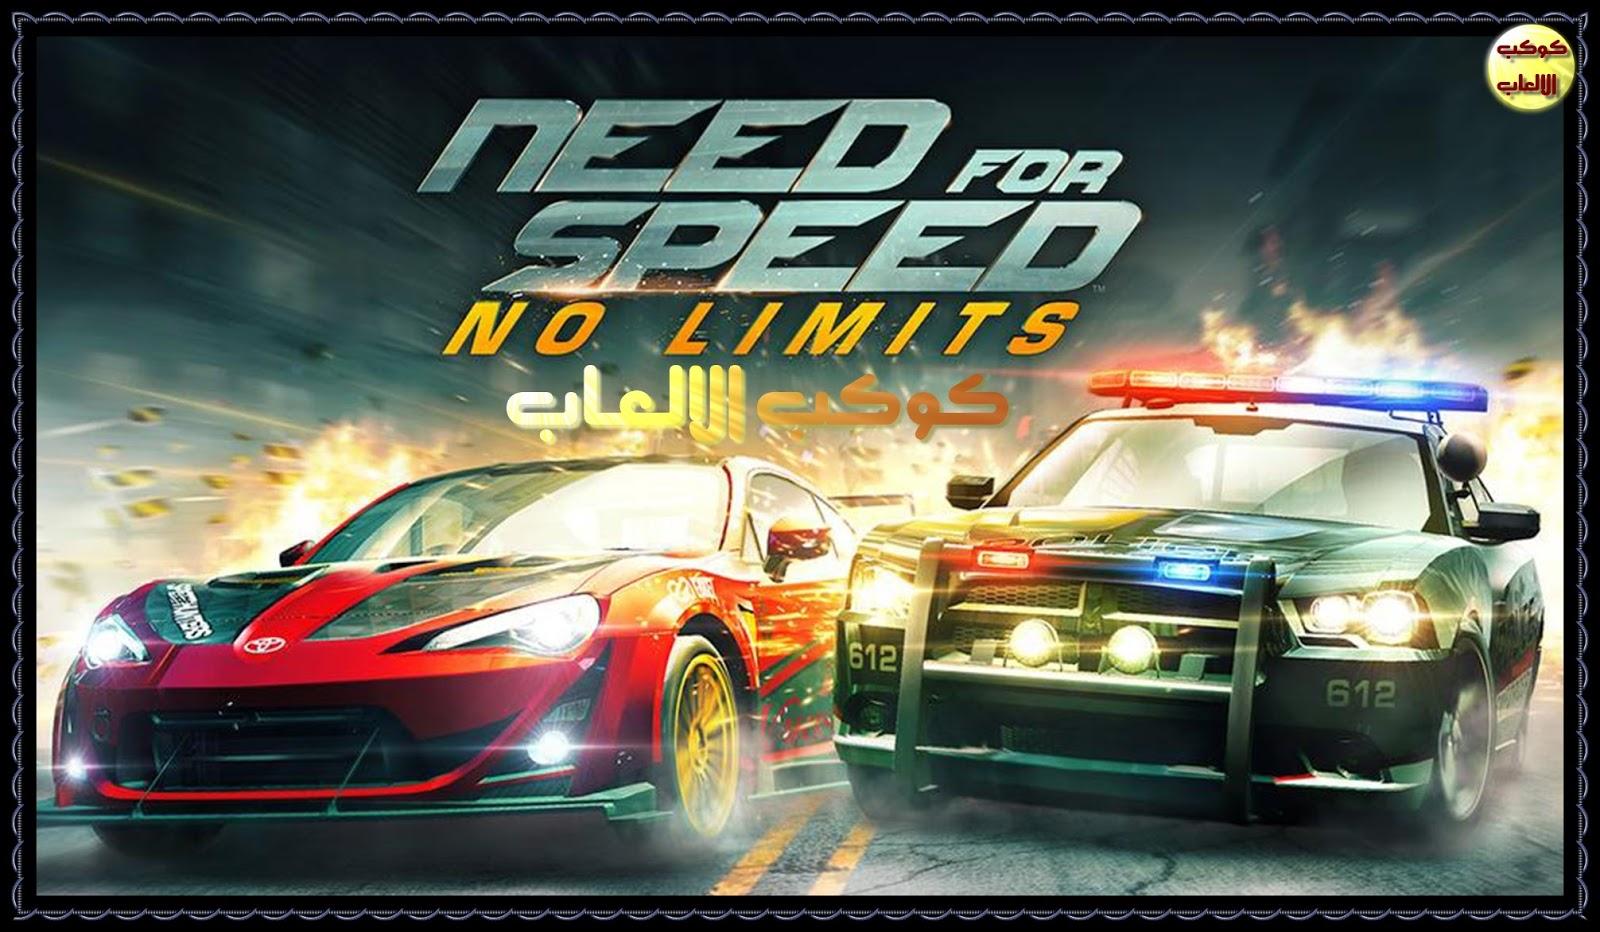 تحميل لعبة سباق السيارات نيد فور سبيد نو لينتس 2016 Need for Speed No Limits للاندرويد ومجانا